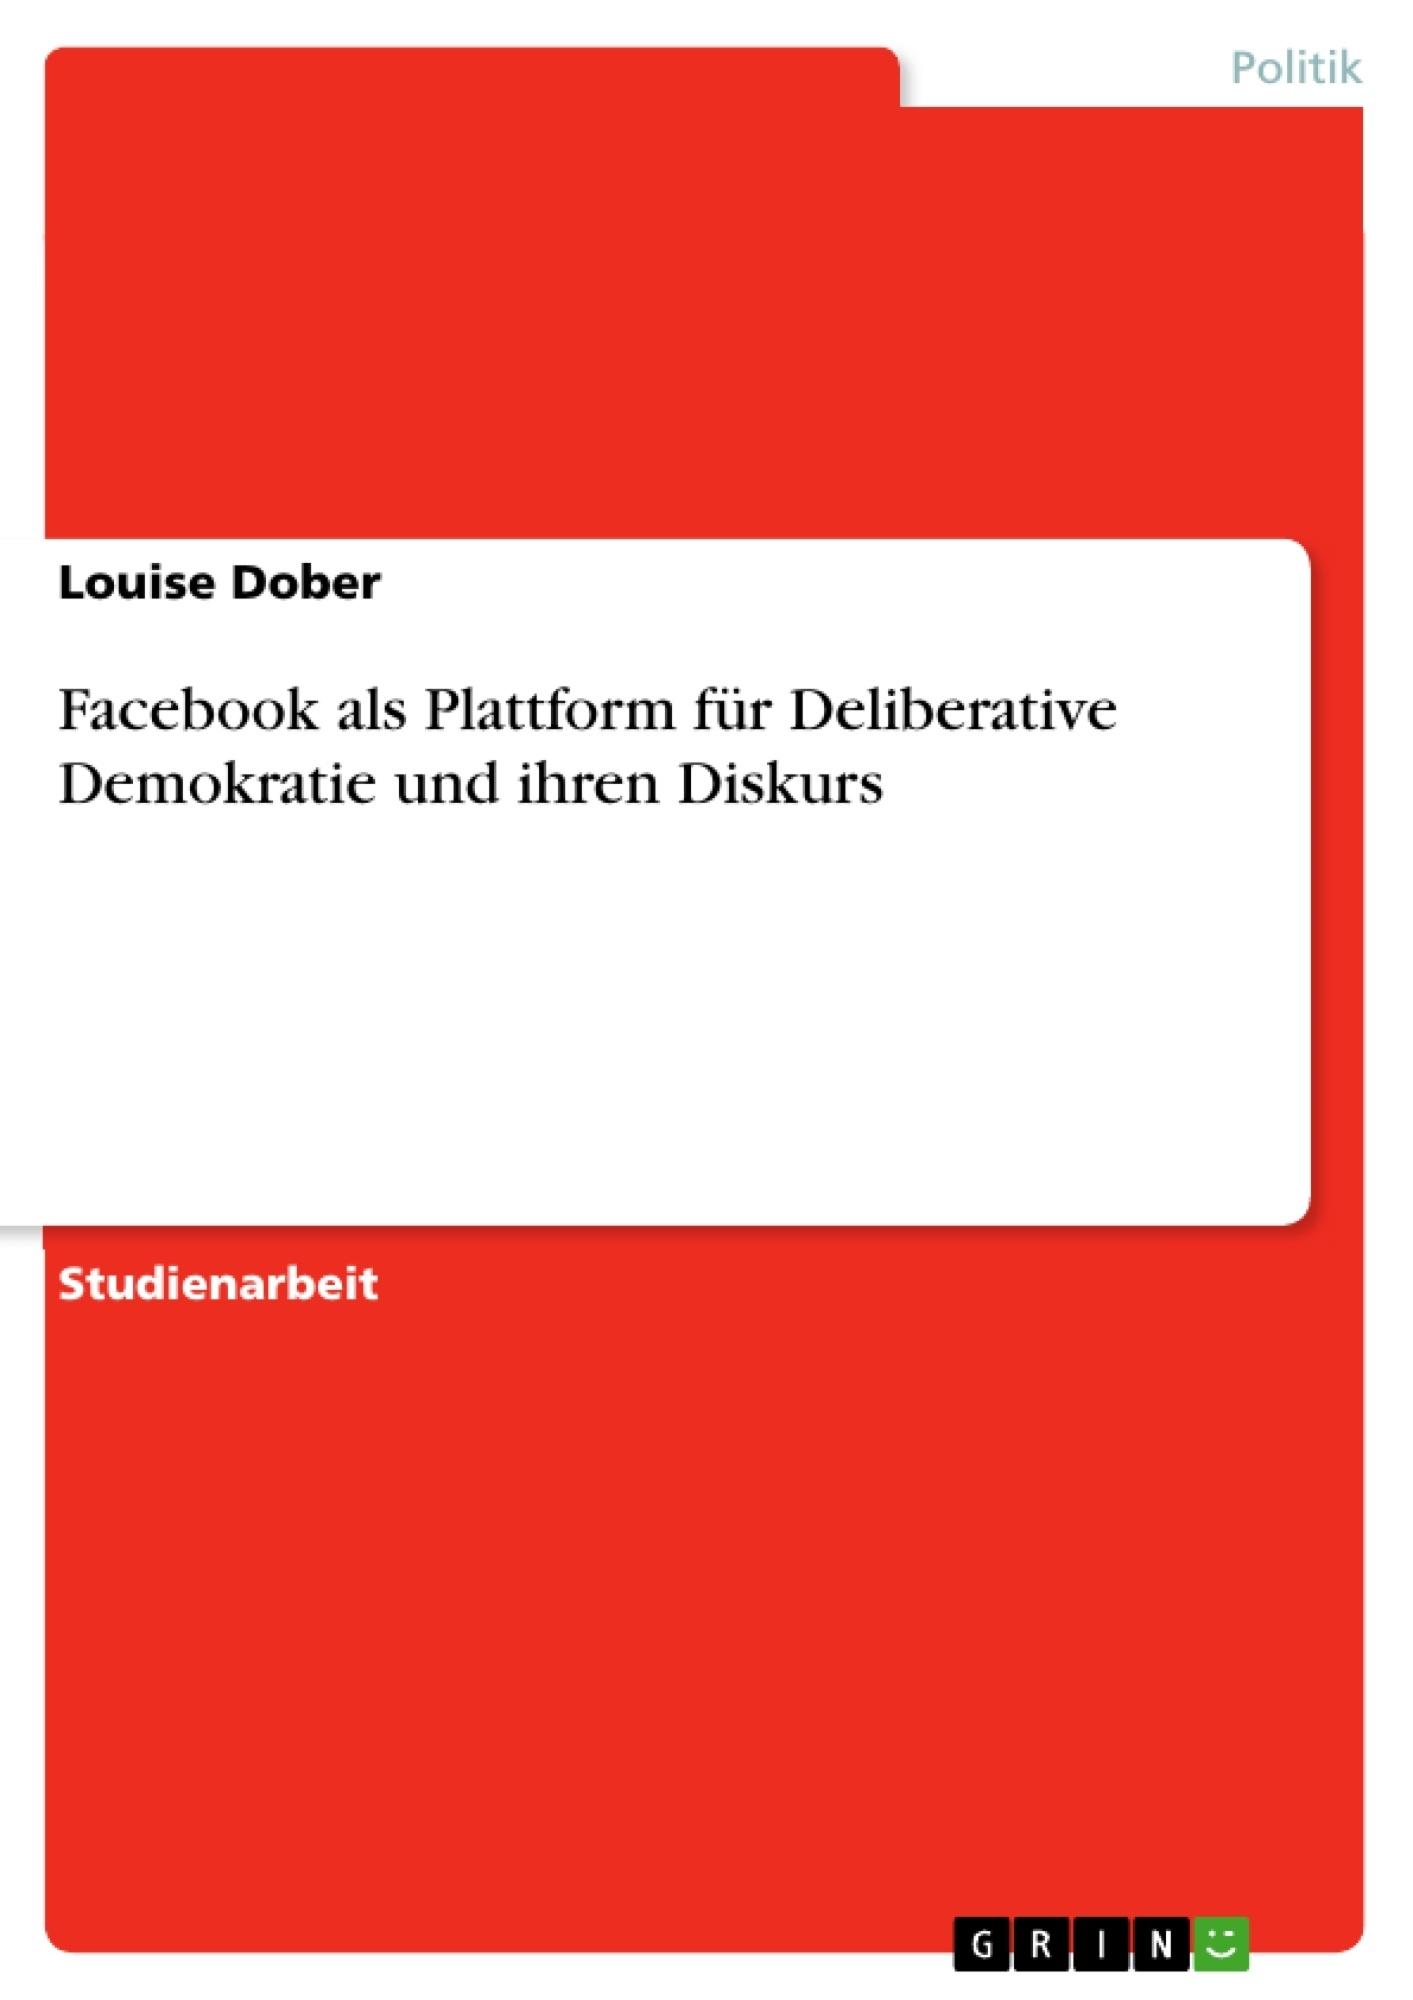 Titel: Facebook als Plattform für Deliberative Demokratie und ihren Diskurs